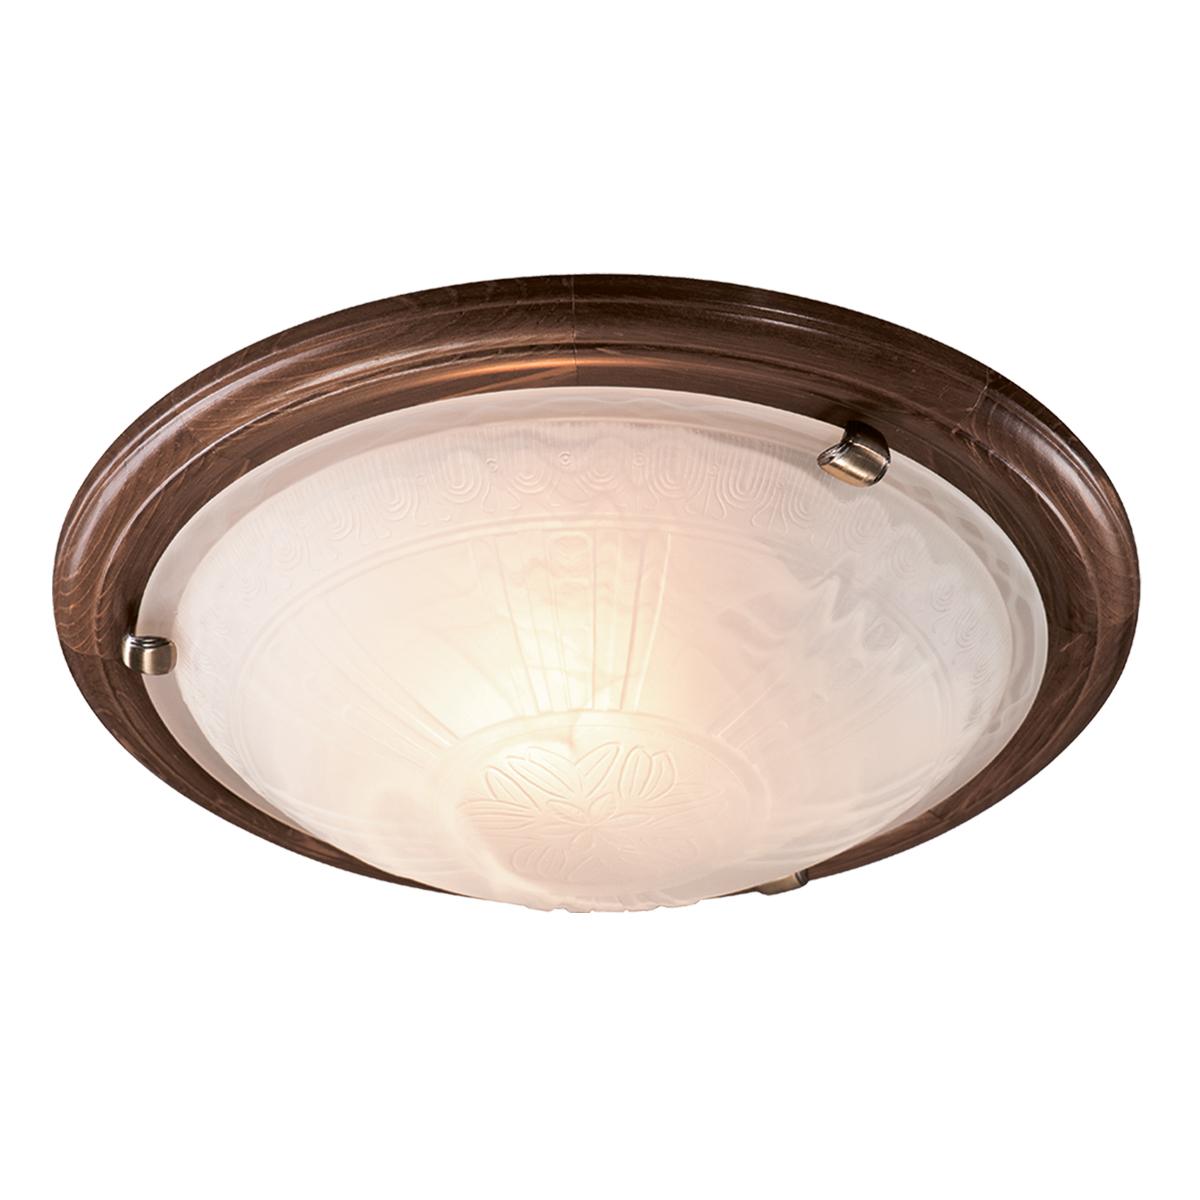 Настенно-потолочный светильник Сонекс 136/K Lufe Wood, тёмный орех, белый матовый - фото 1